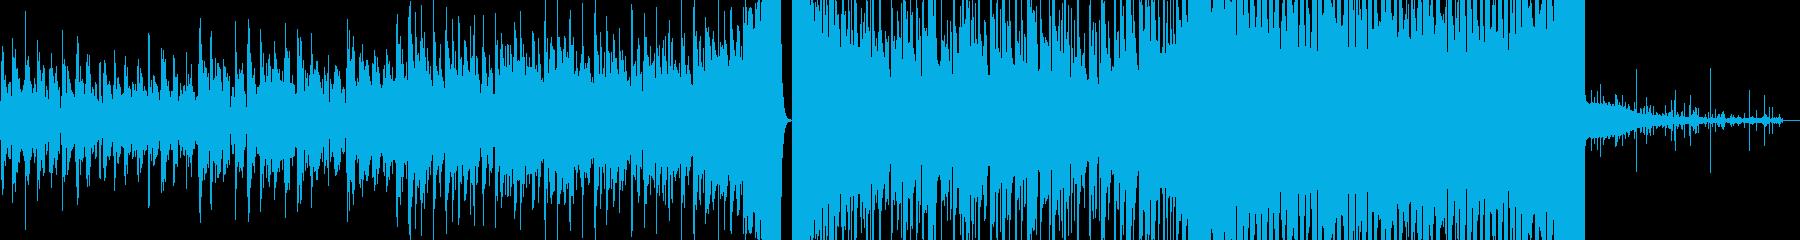 【ローファイ】少し寂しい雰囲気の映像にの再生済みの波形